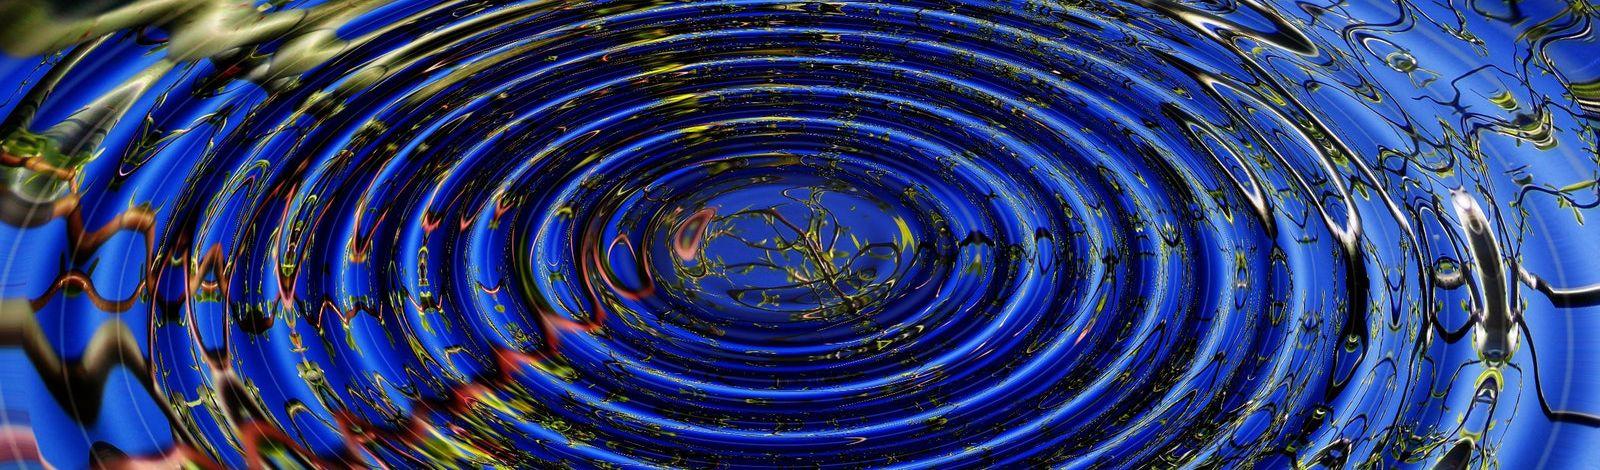 A ripple in still water